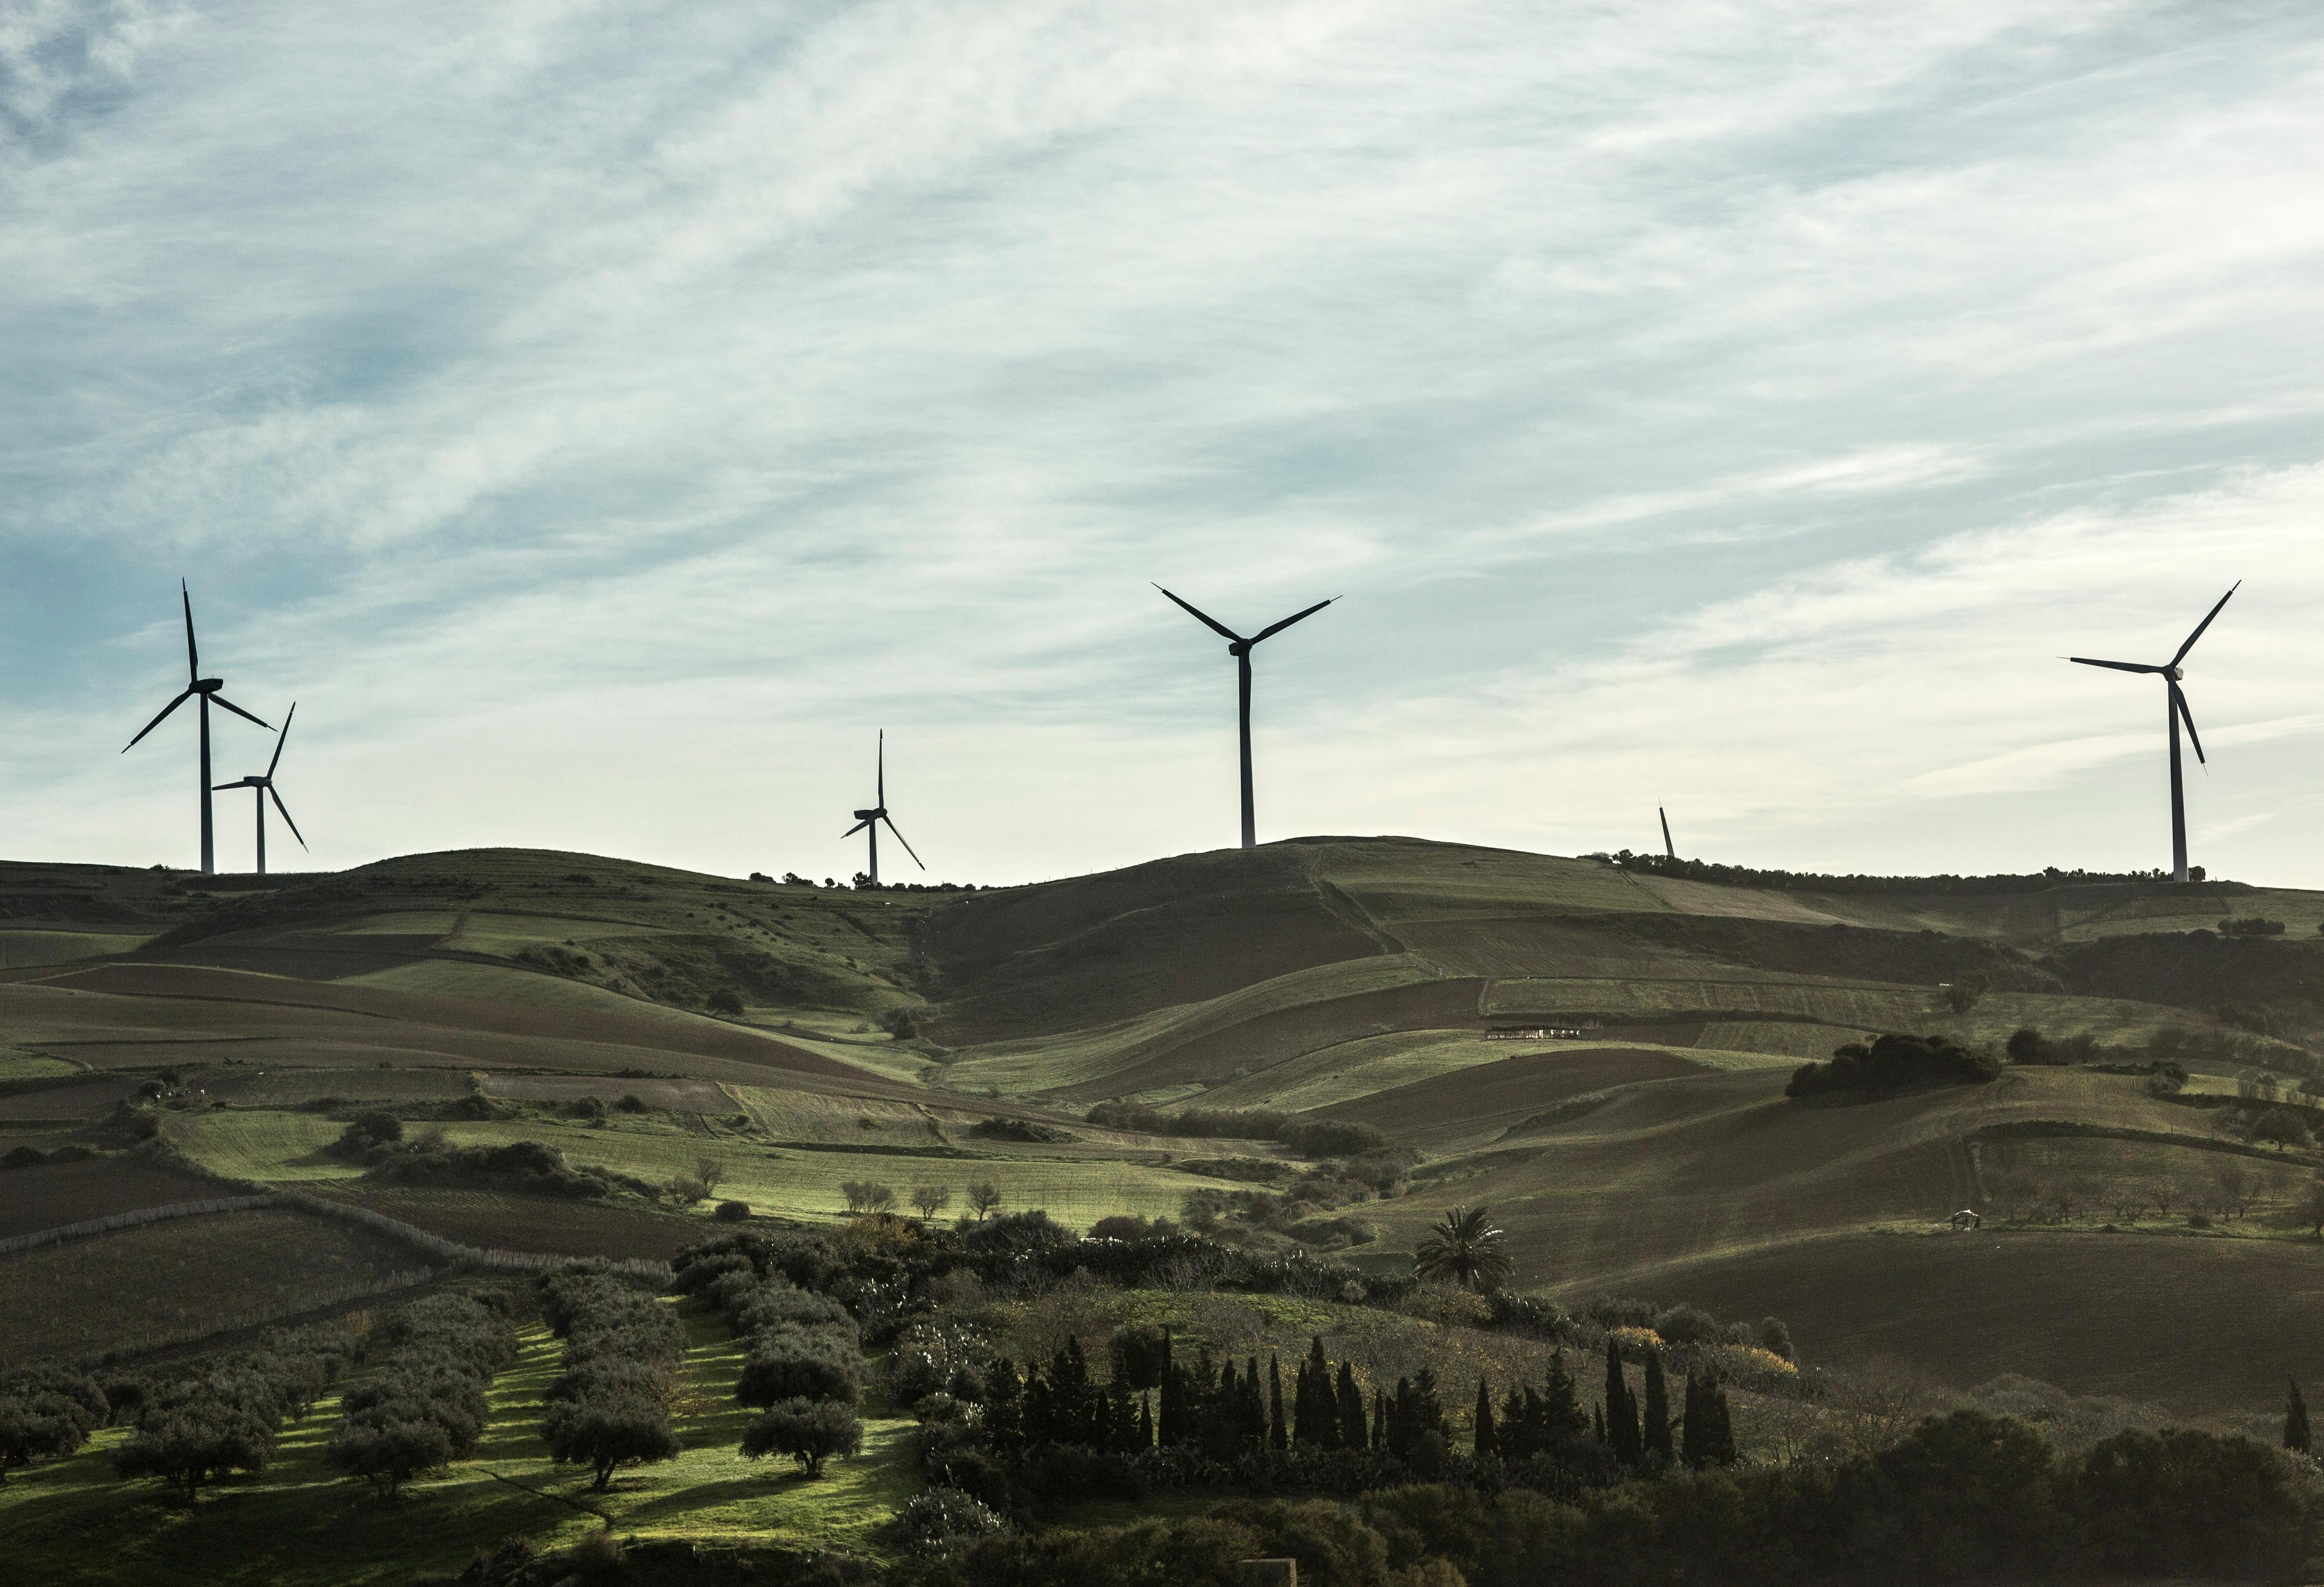 Windkrafträder in El Alia, Tunesien